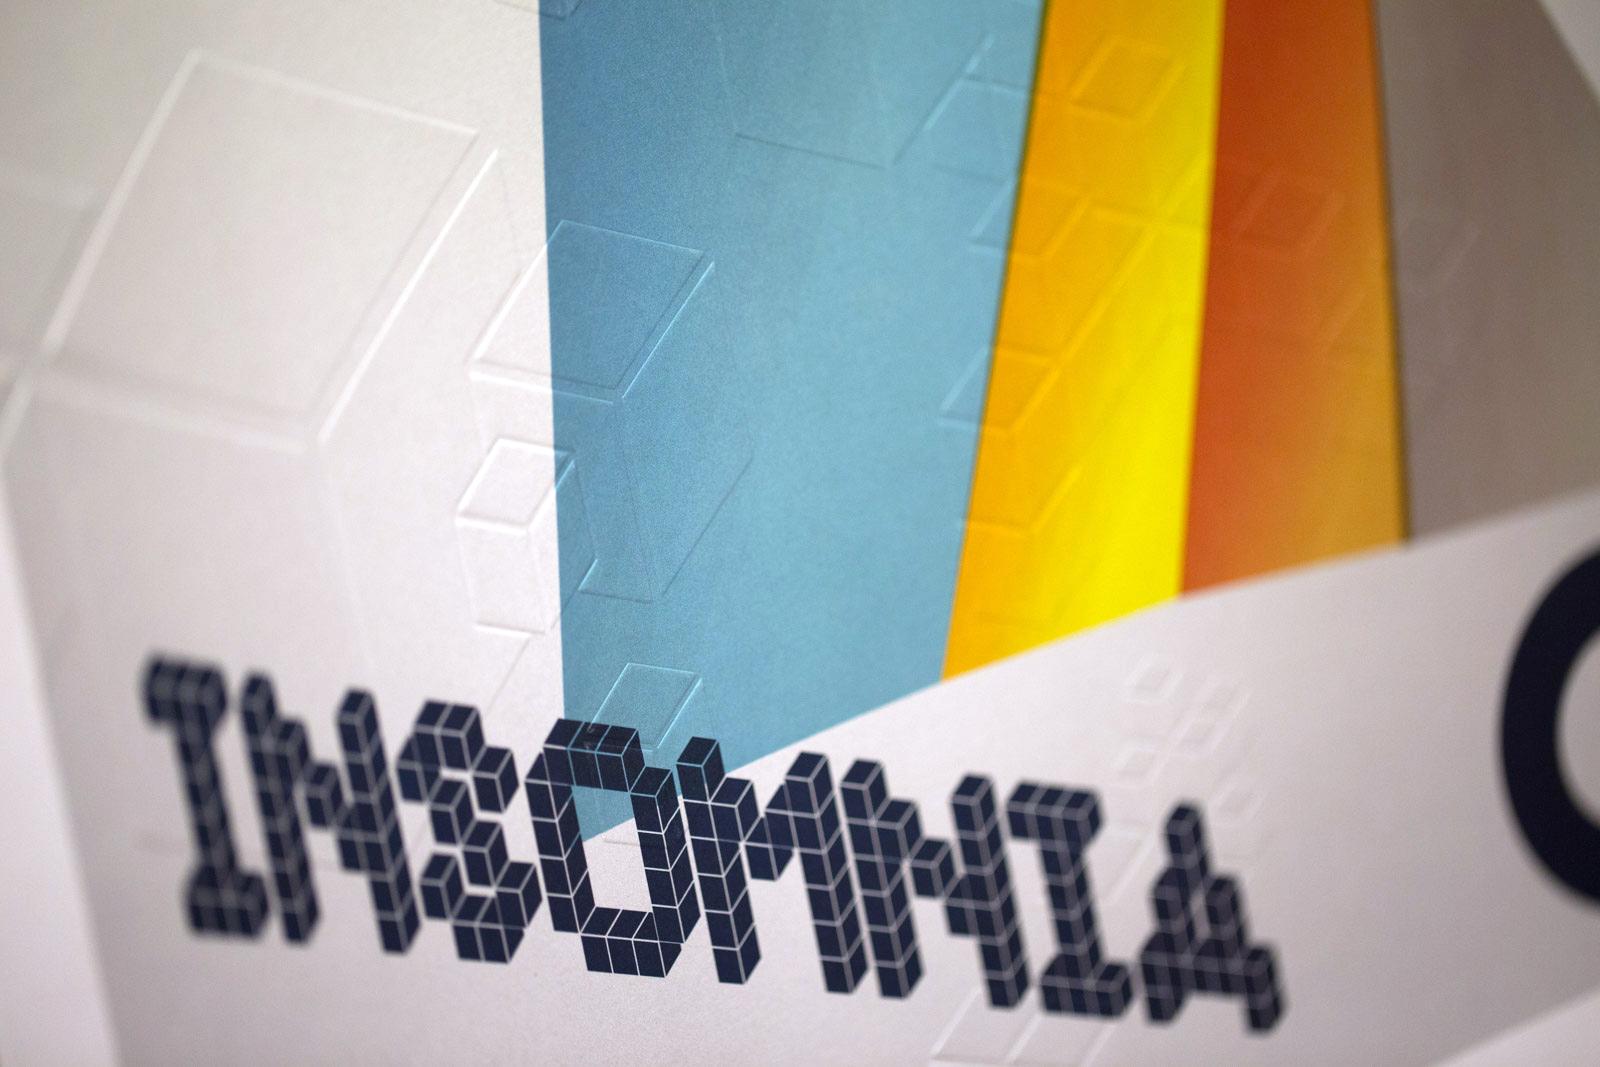 Plakatserie for Insomnia